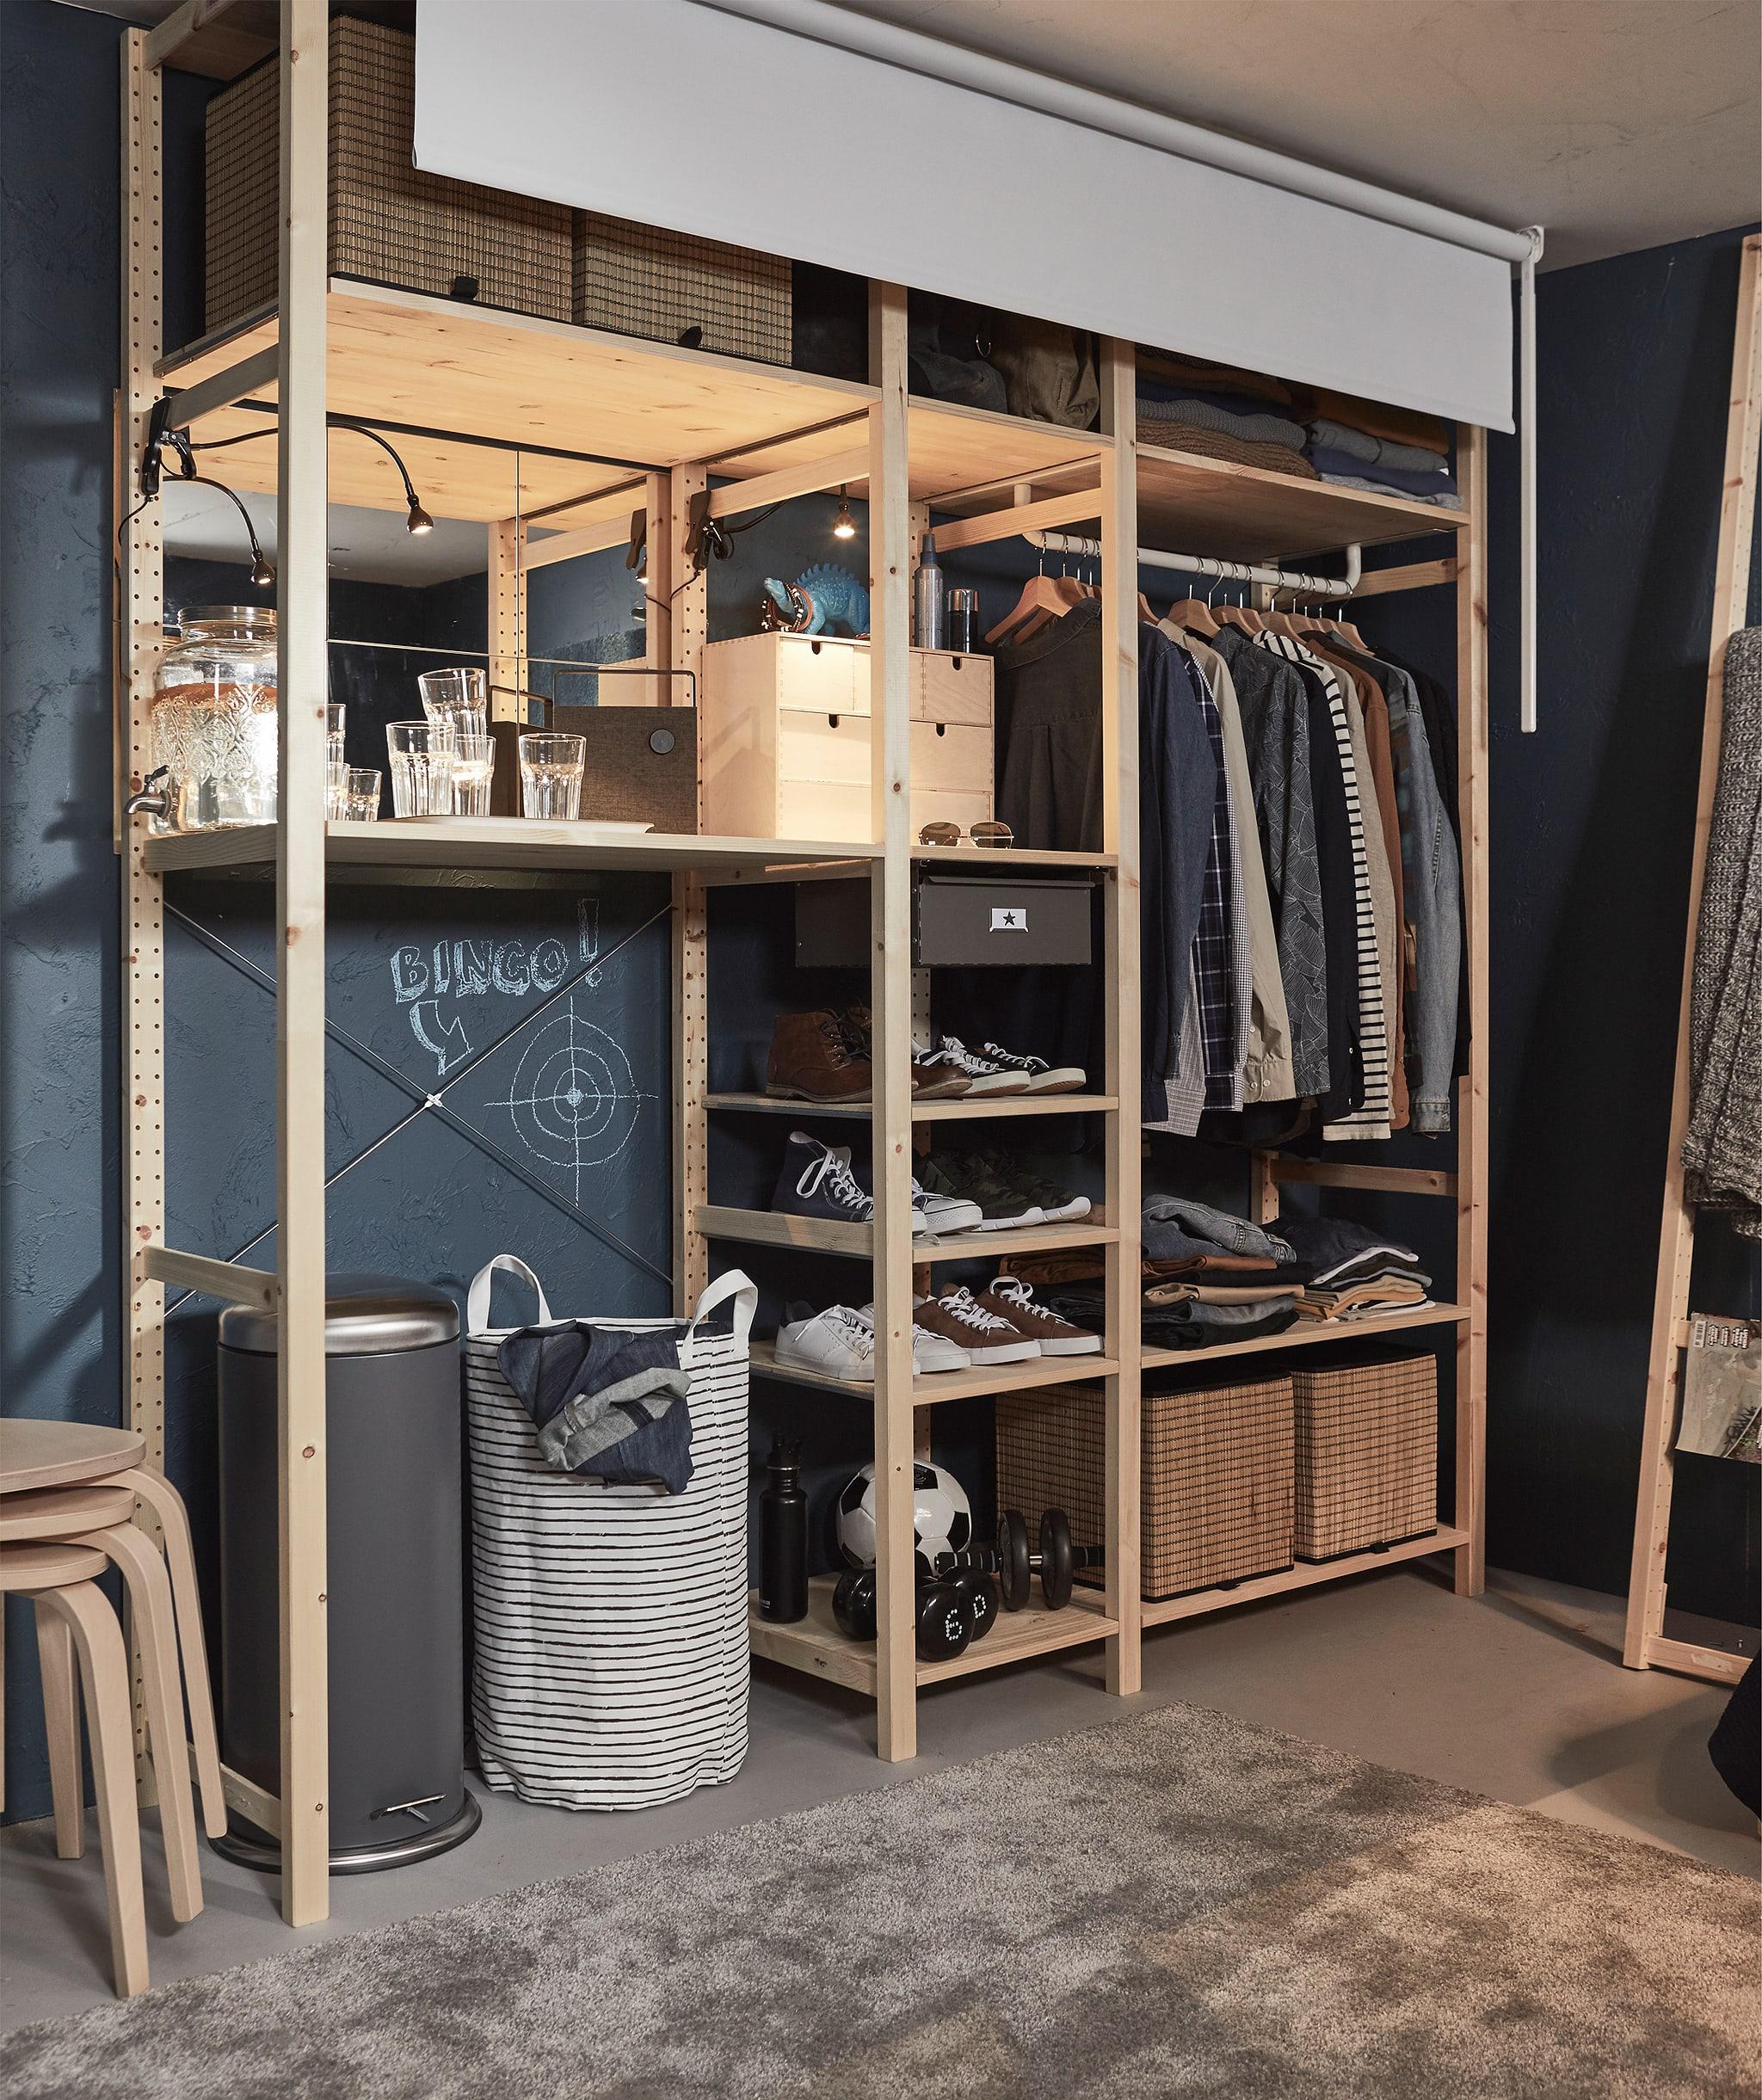 Sudut ruangan dengan unit rak besar berisi pakaian; sebuah tirai gulung yang dapat di tarik ke bawah ada di depannya.